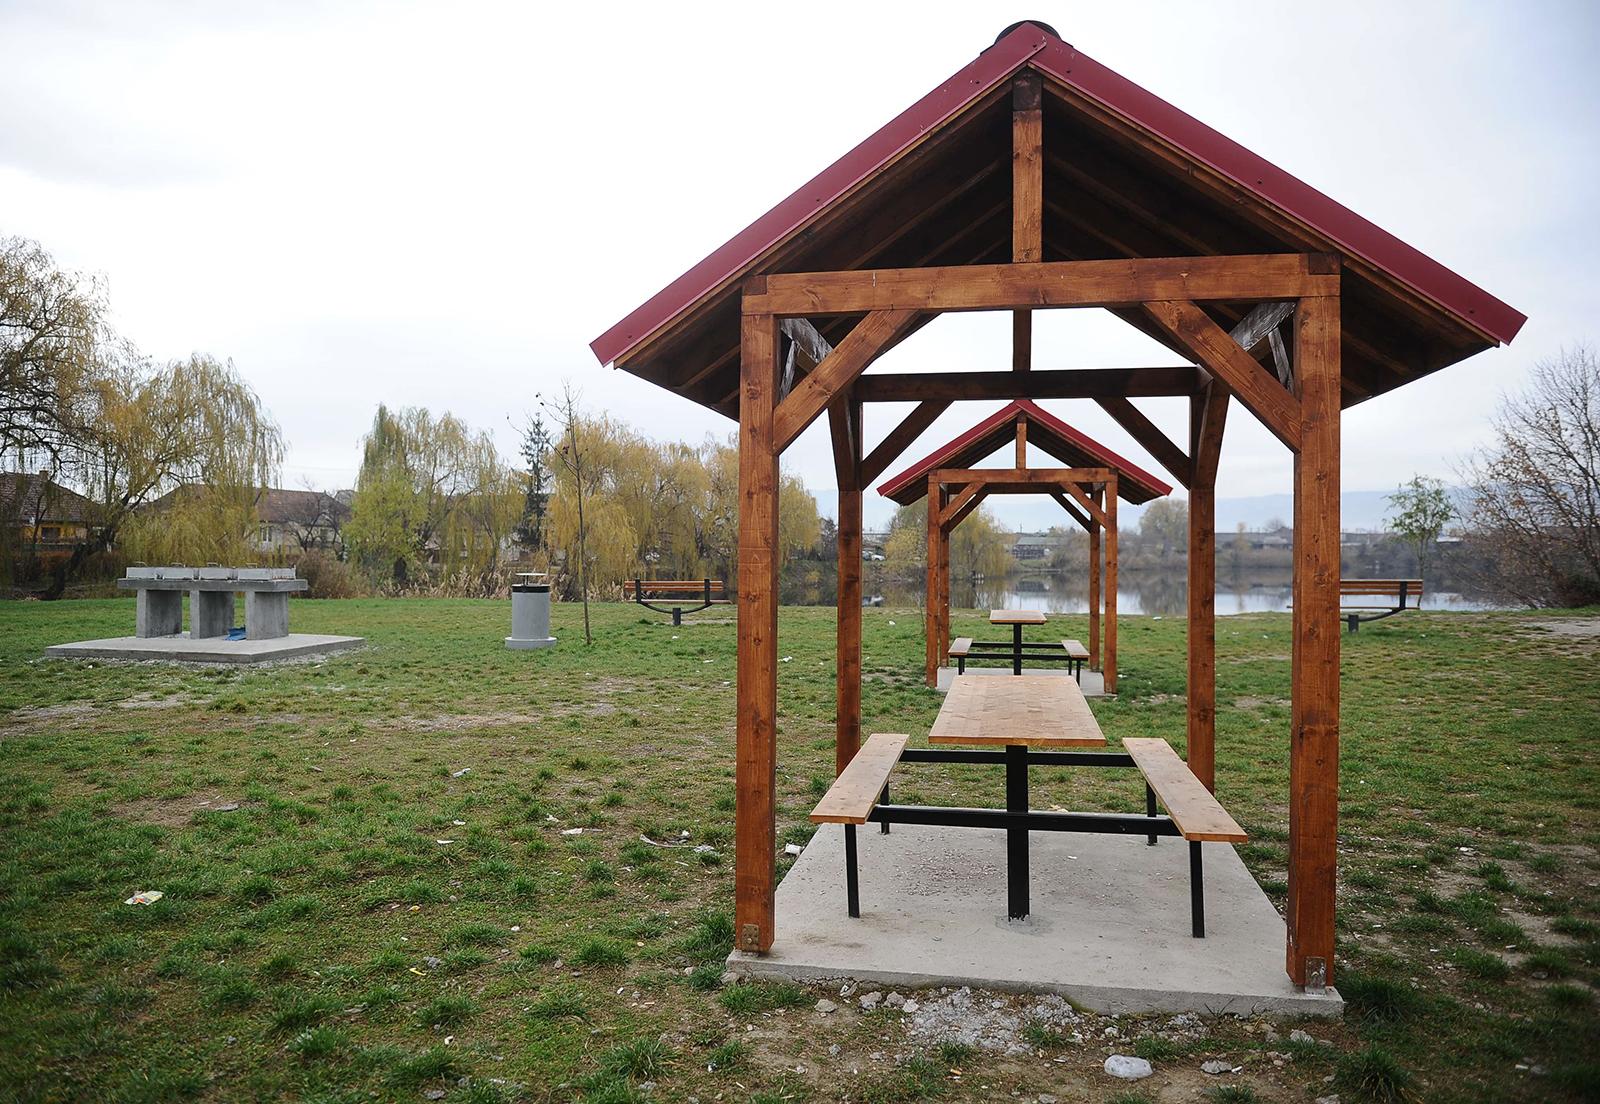 O firmăsibiană amenajează o zonă de picnic în Iași. În Sibiu astfel de locuri degradează